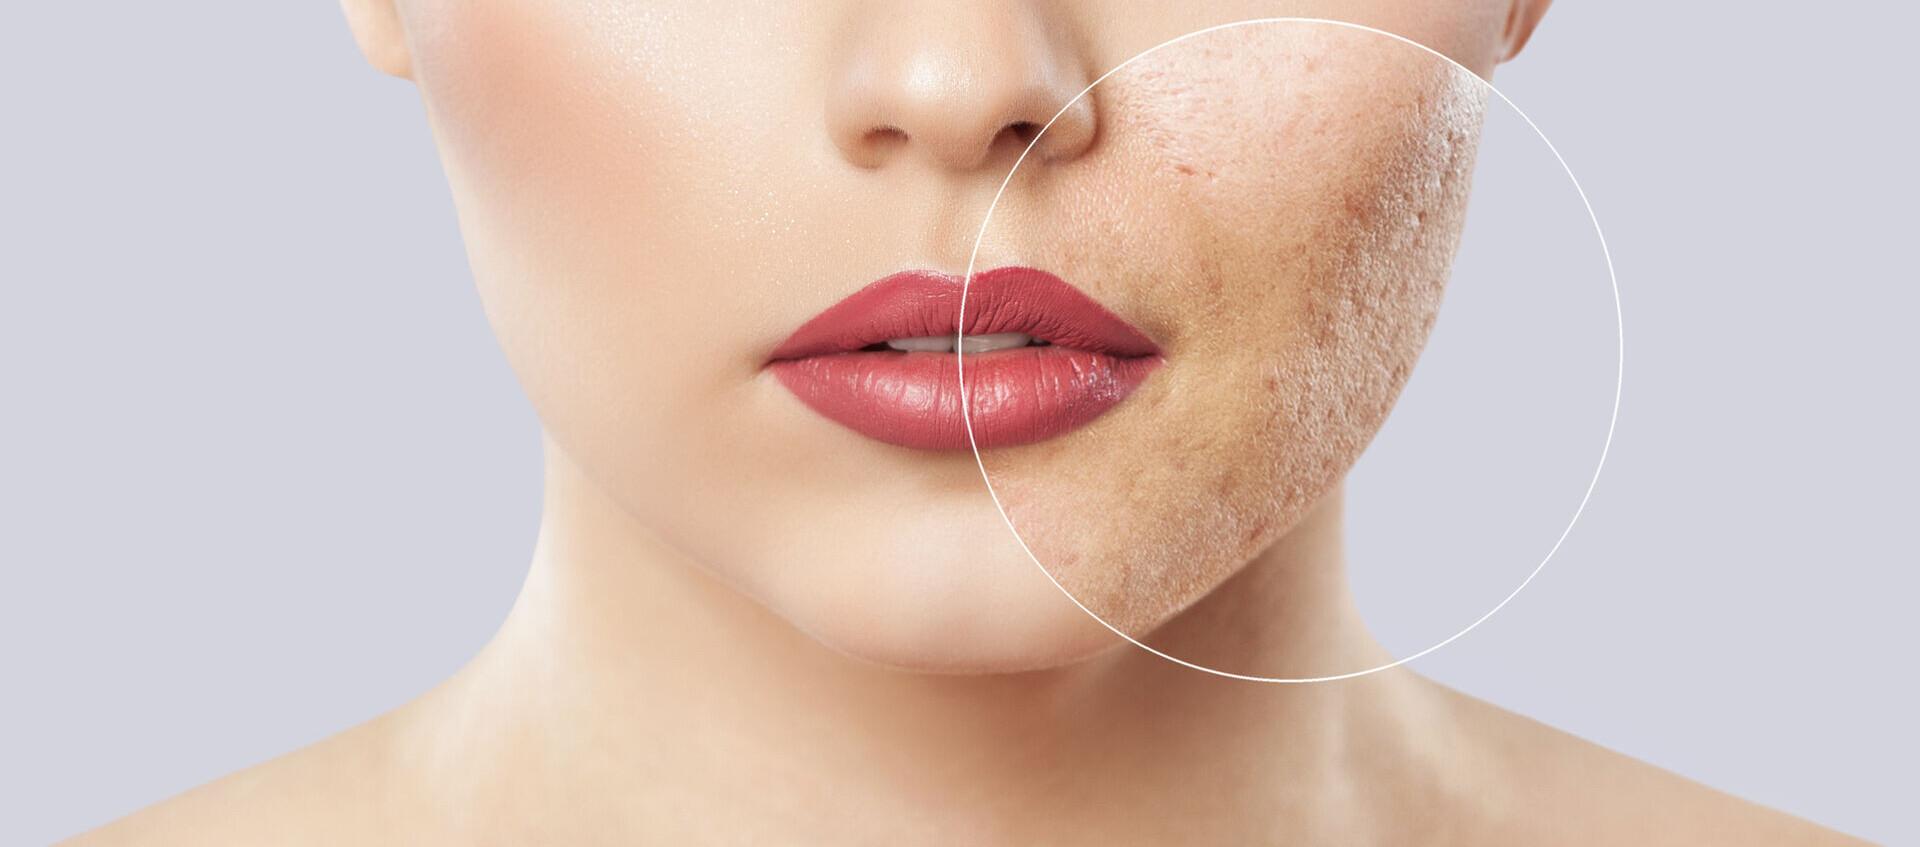 Wie schminkt man sich bei Akne-Narben? - Unreinheiten - Make-up Tipps - Make-up - Lombagine